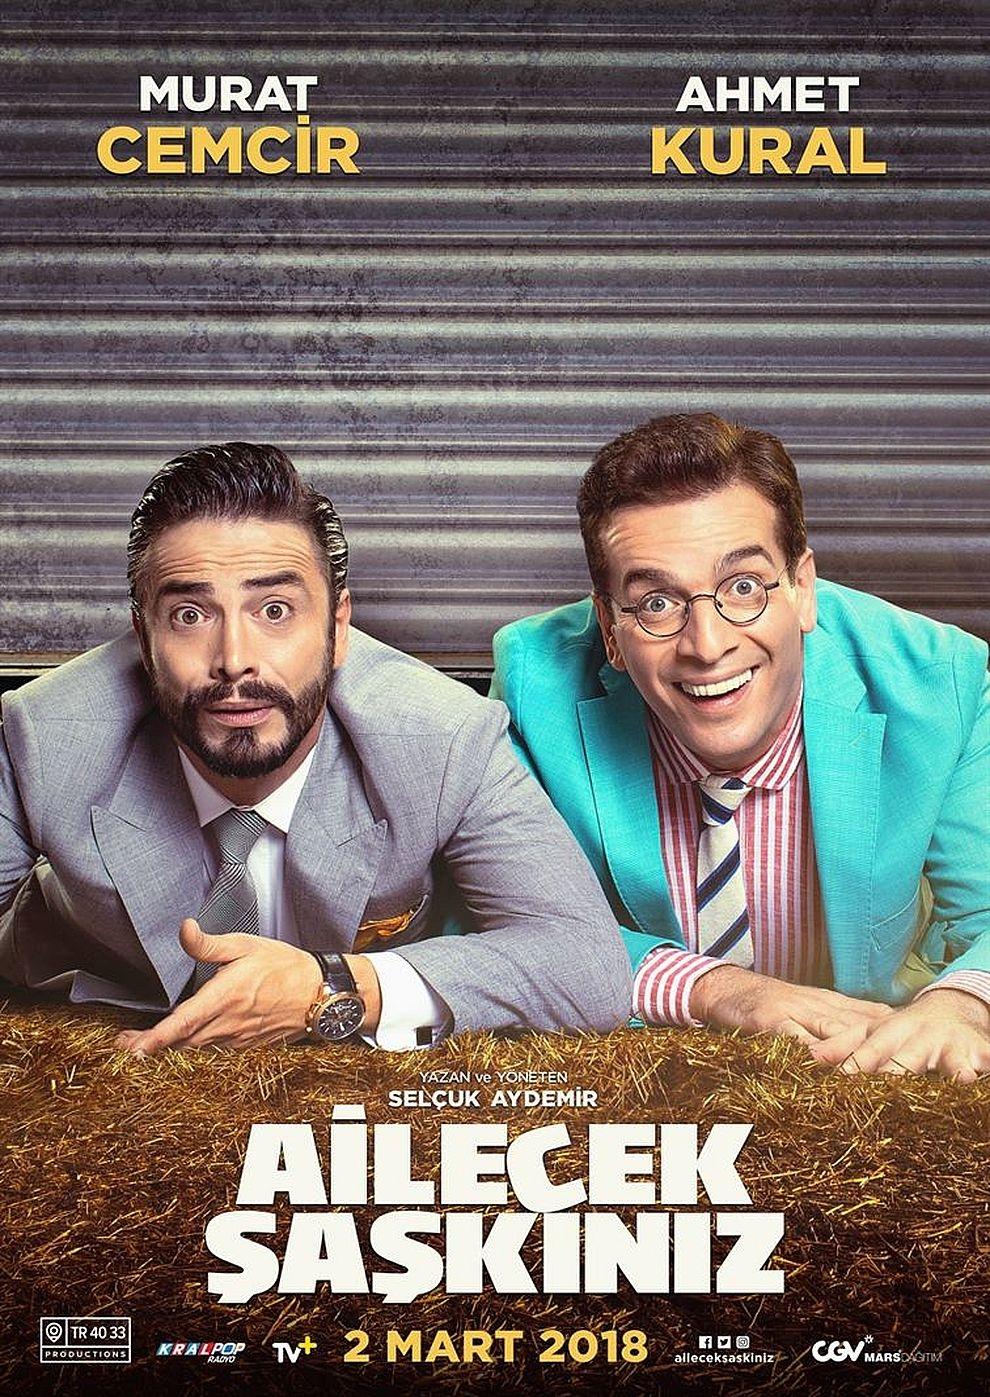 Ailecek Saskiniz (Poster)